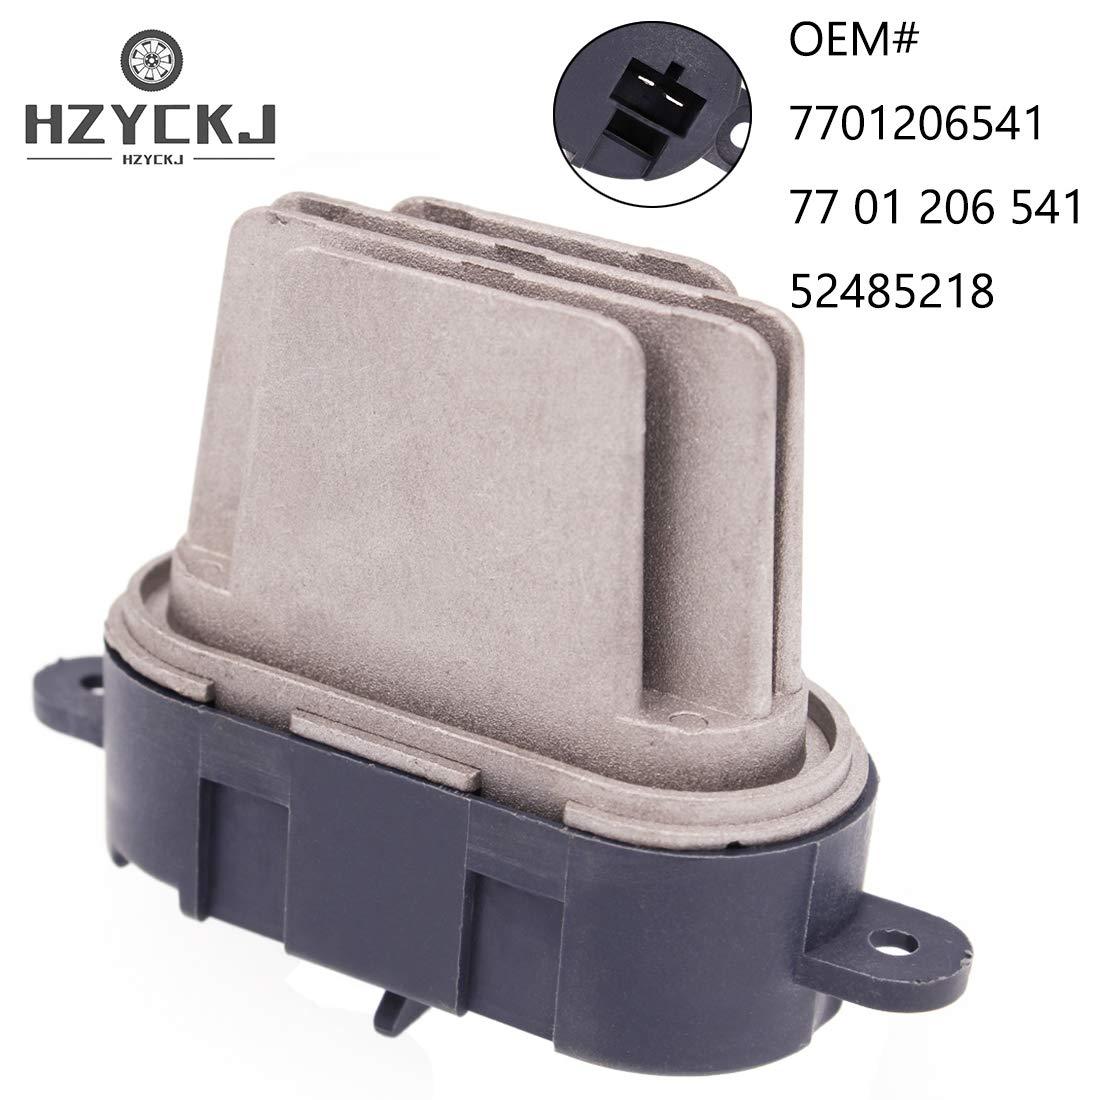 HZYCKJ Resistencia del motor del ventilador OEM # 7701206541 77 01 206 541 52485218